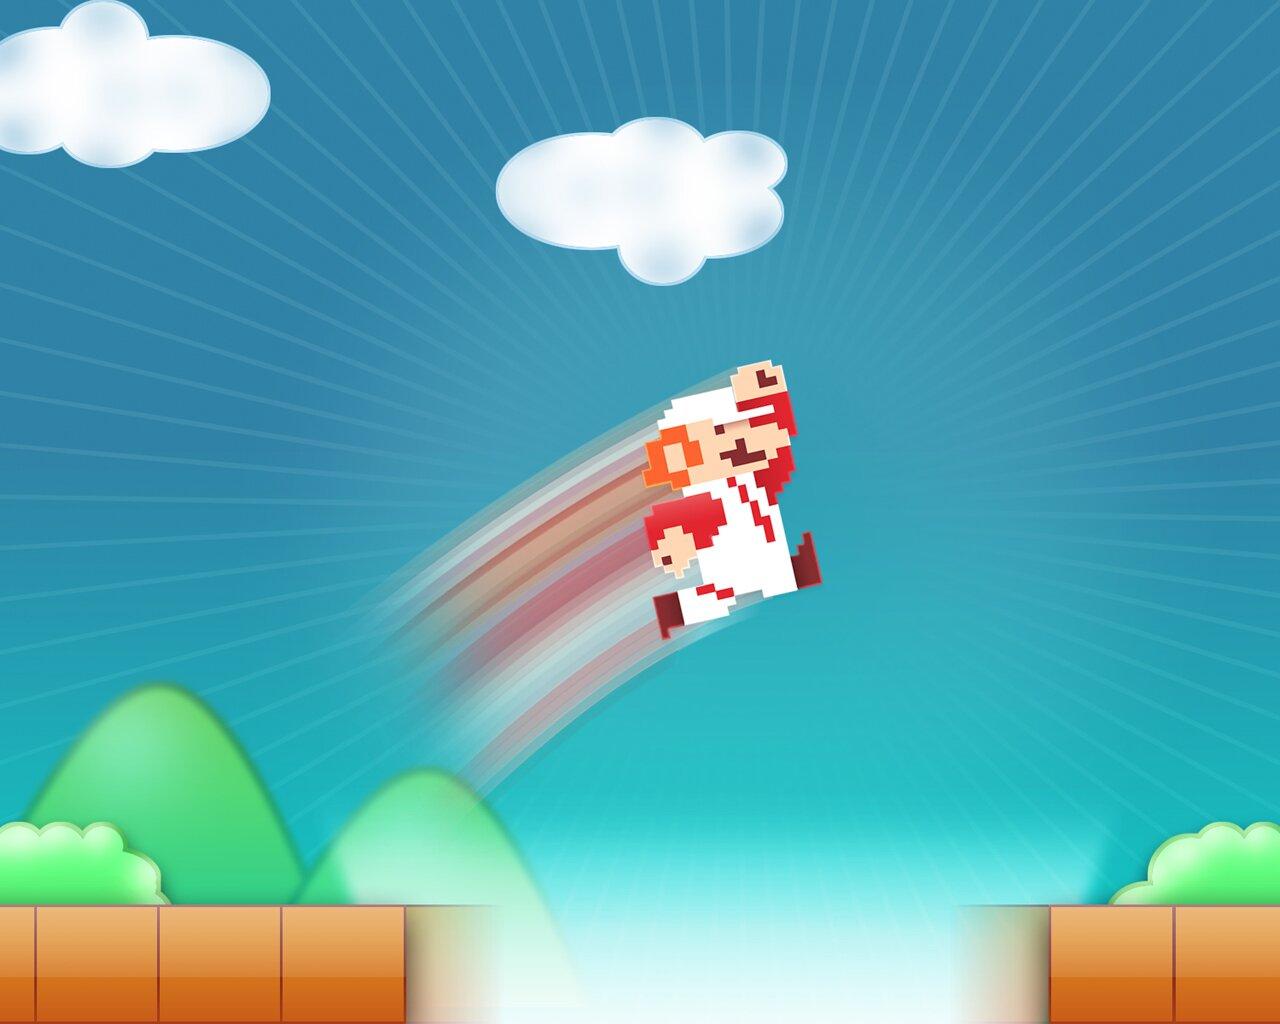 8-bit Super Mario and retro pixels wallpapers